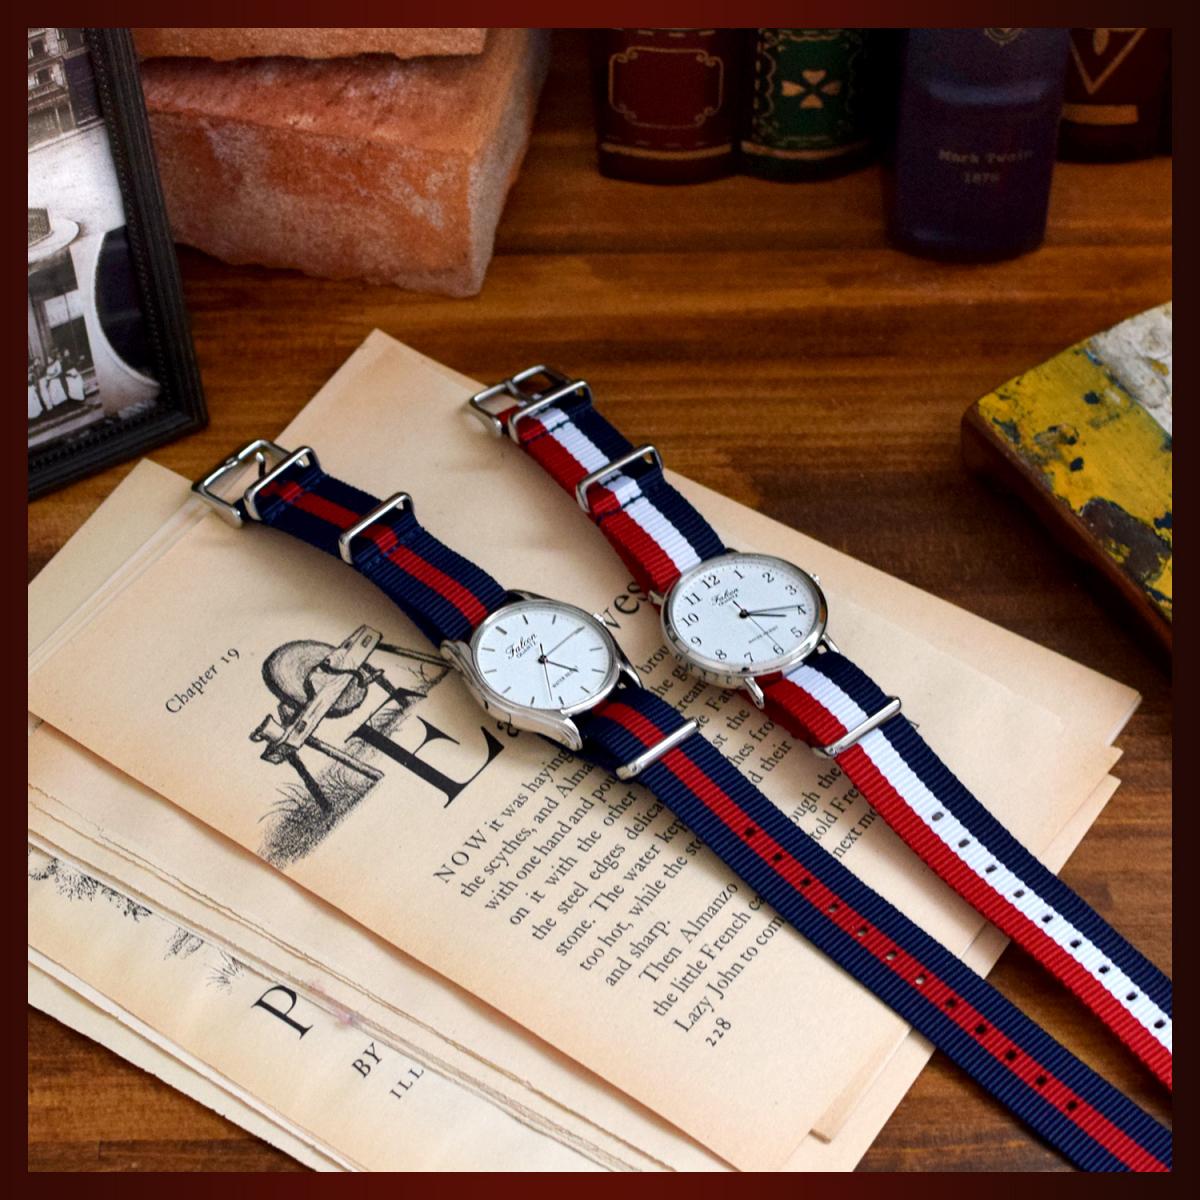 時計ベルト NATO ゴールドバックル ショートサイズ 18mm 3本セット 取付けマニュアル 腕時計バンドセット売り_画像6